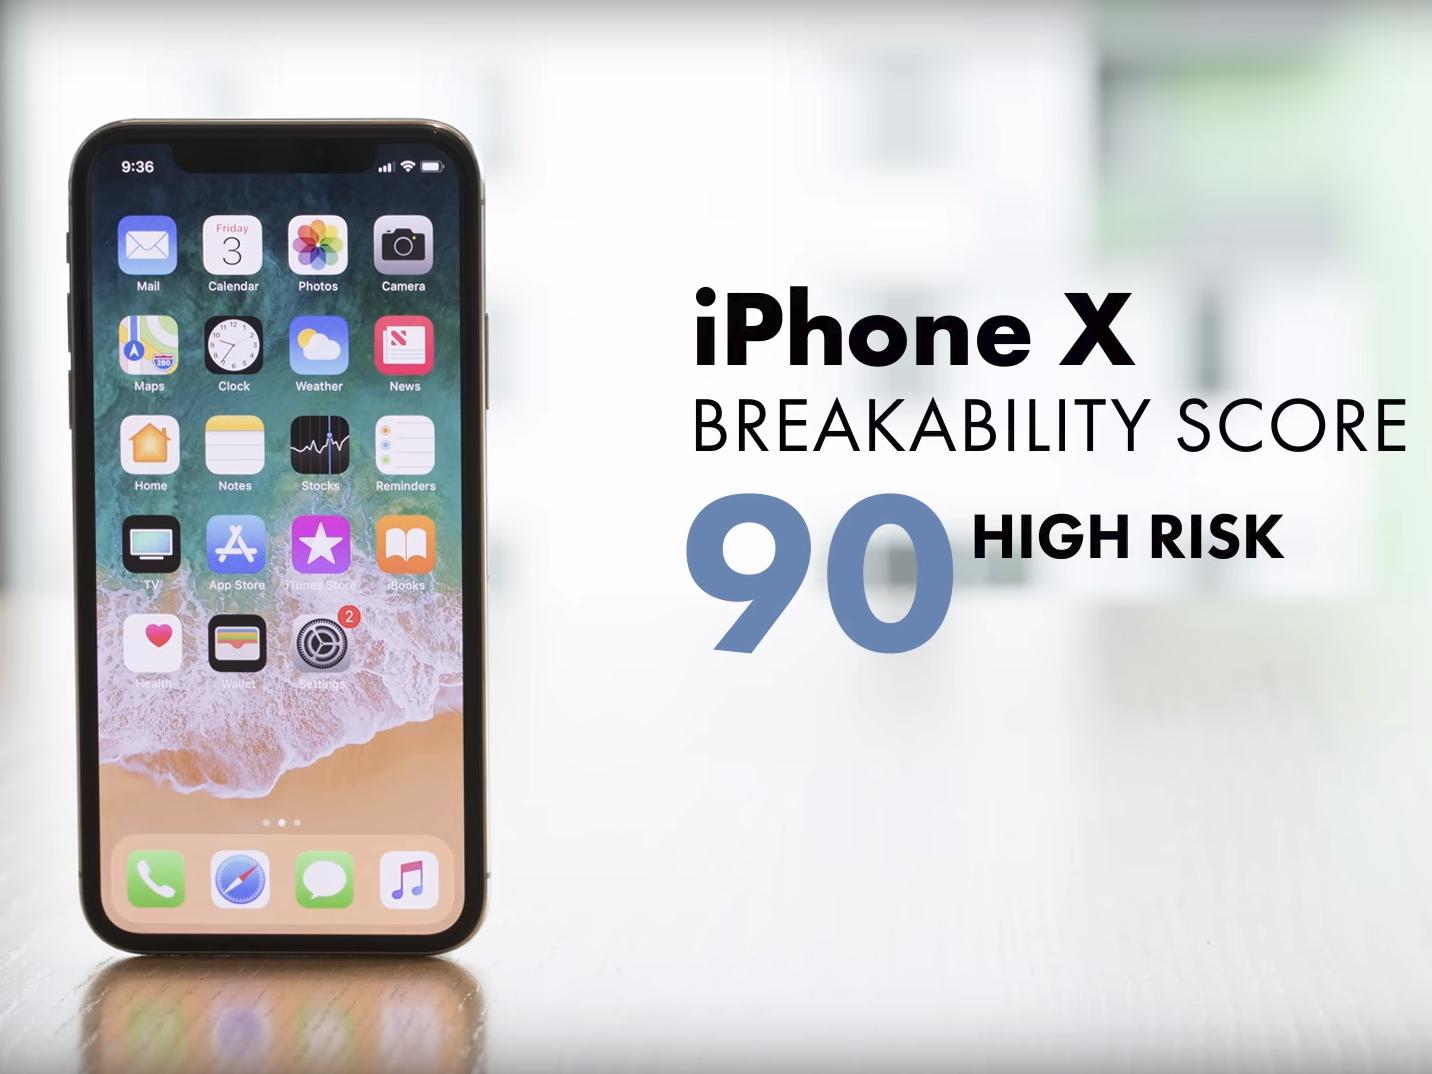 Das Risiko Eines Schadens Durch Einen Sturz Bewertet Square Trade Beim IPhone X Mit 90 Von 100 Moglichen Punkten Bild